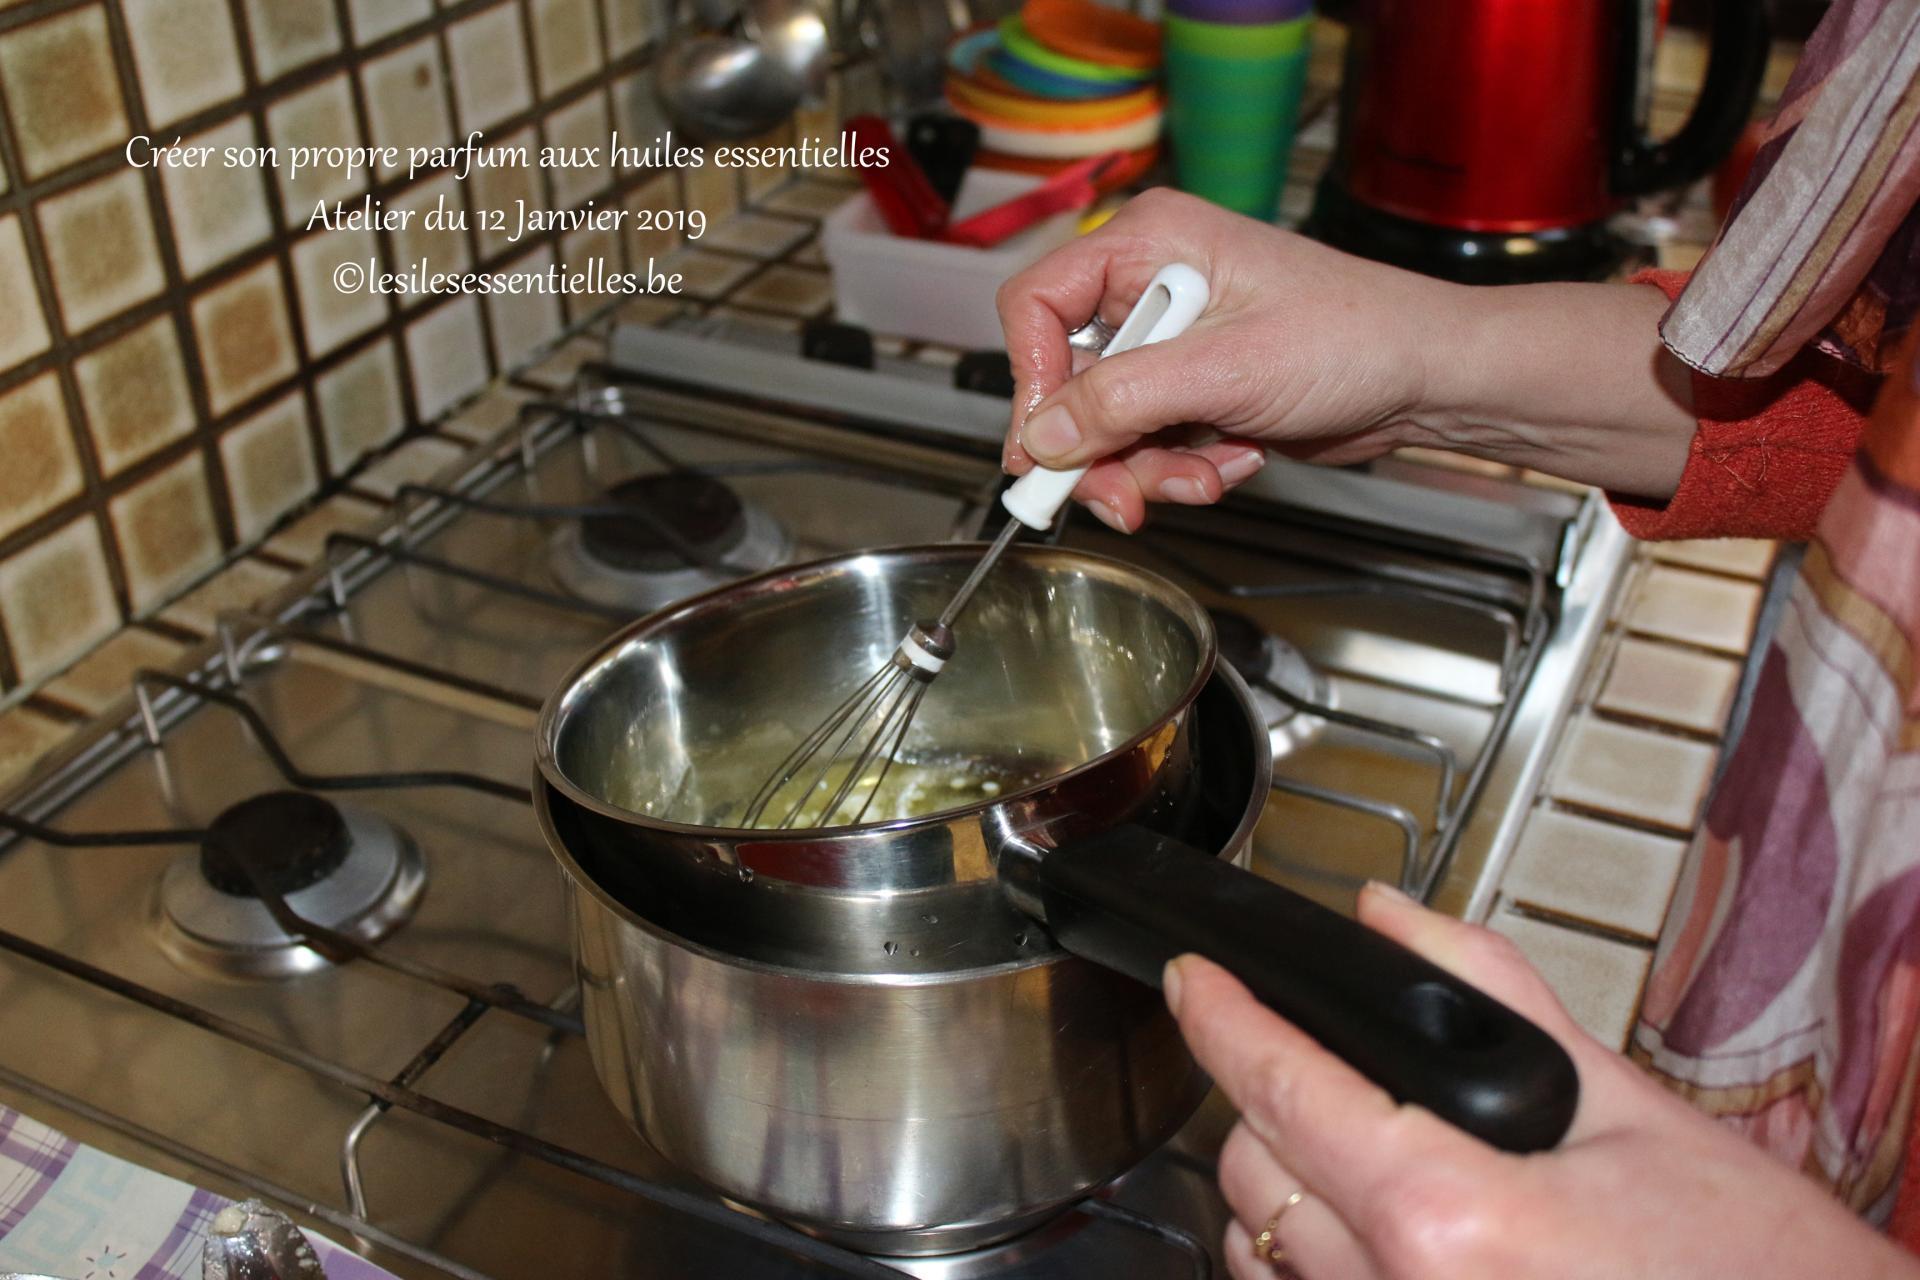 Créer son propre parfum aux huiles essentielles